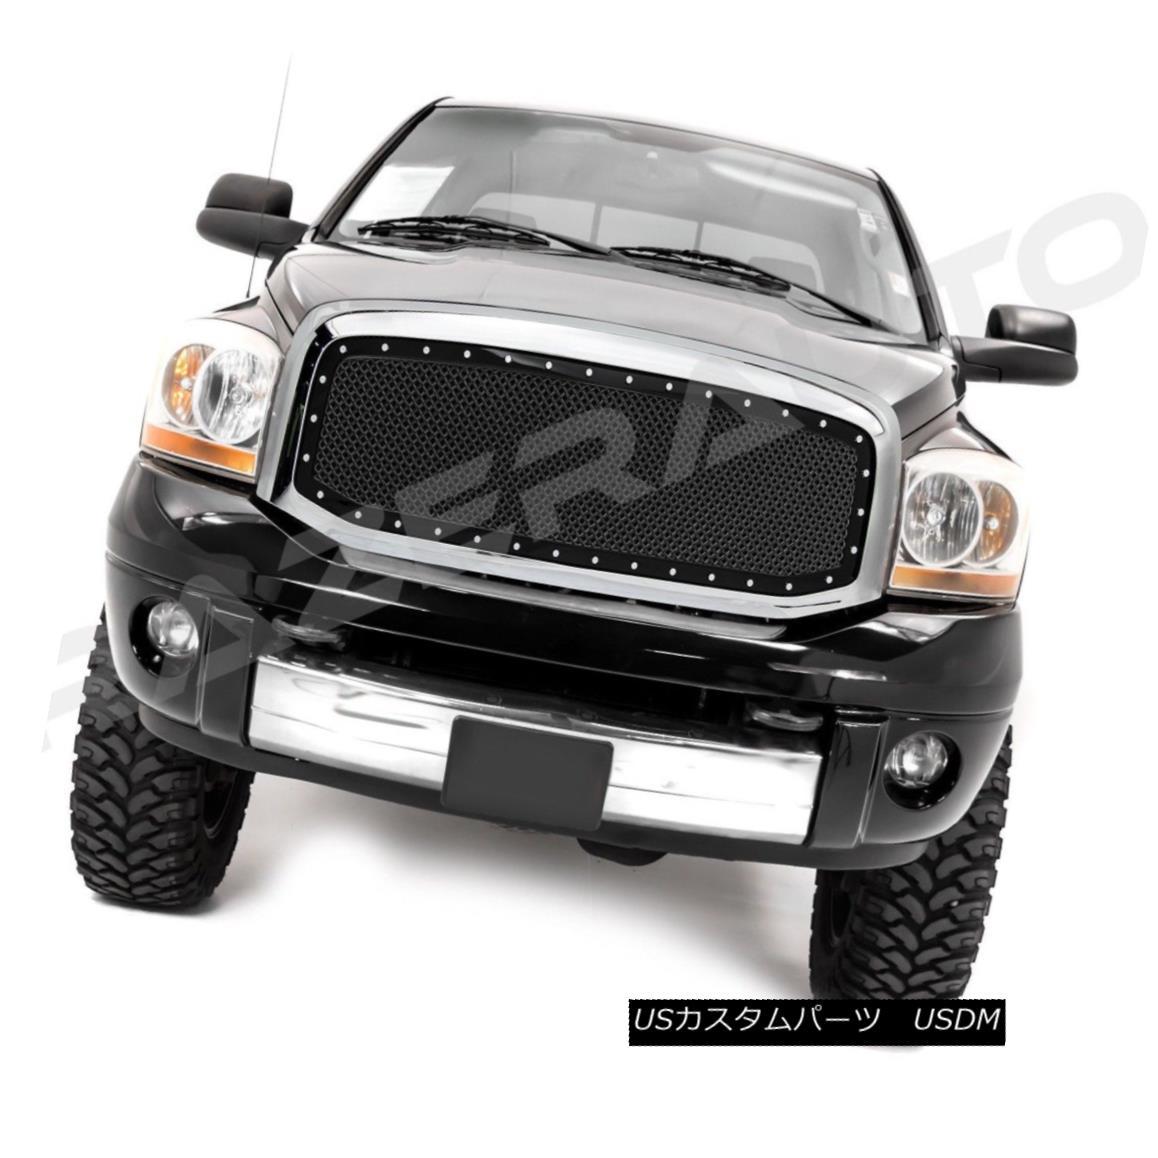 グリル 06-08 Dodge Ram 1500+2500+3500 Black Packaged Mesh Grille+Rivet+Chrome Shell 06-08 Dodge Ram 1500 + 2500 + 3500ブラックパッケージメッシュグリル+リベット+ C hromeシェル